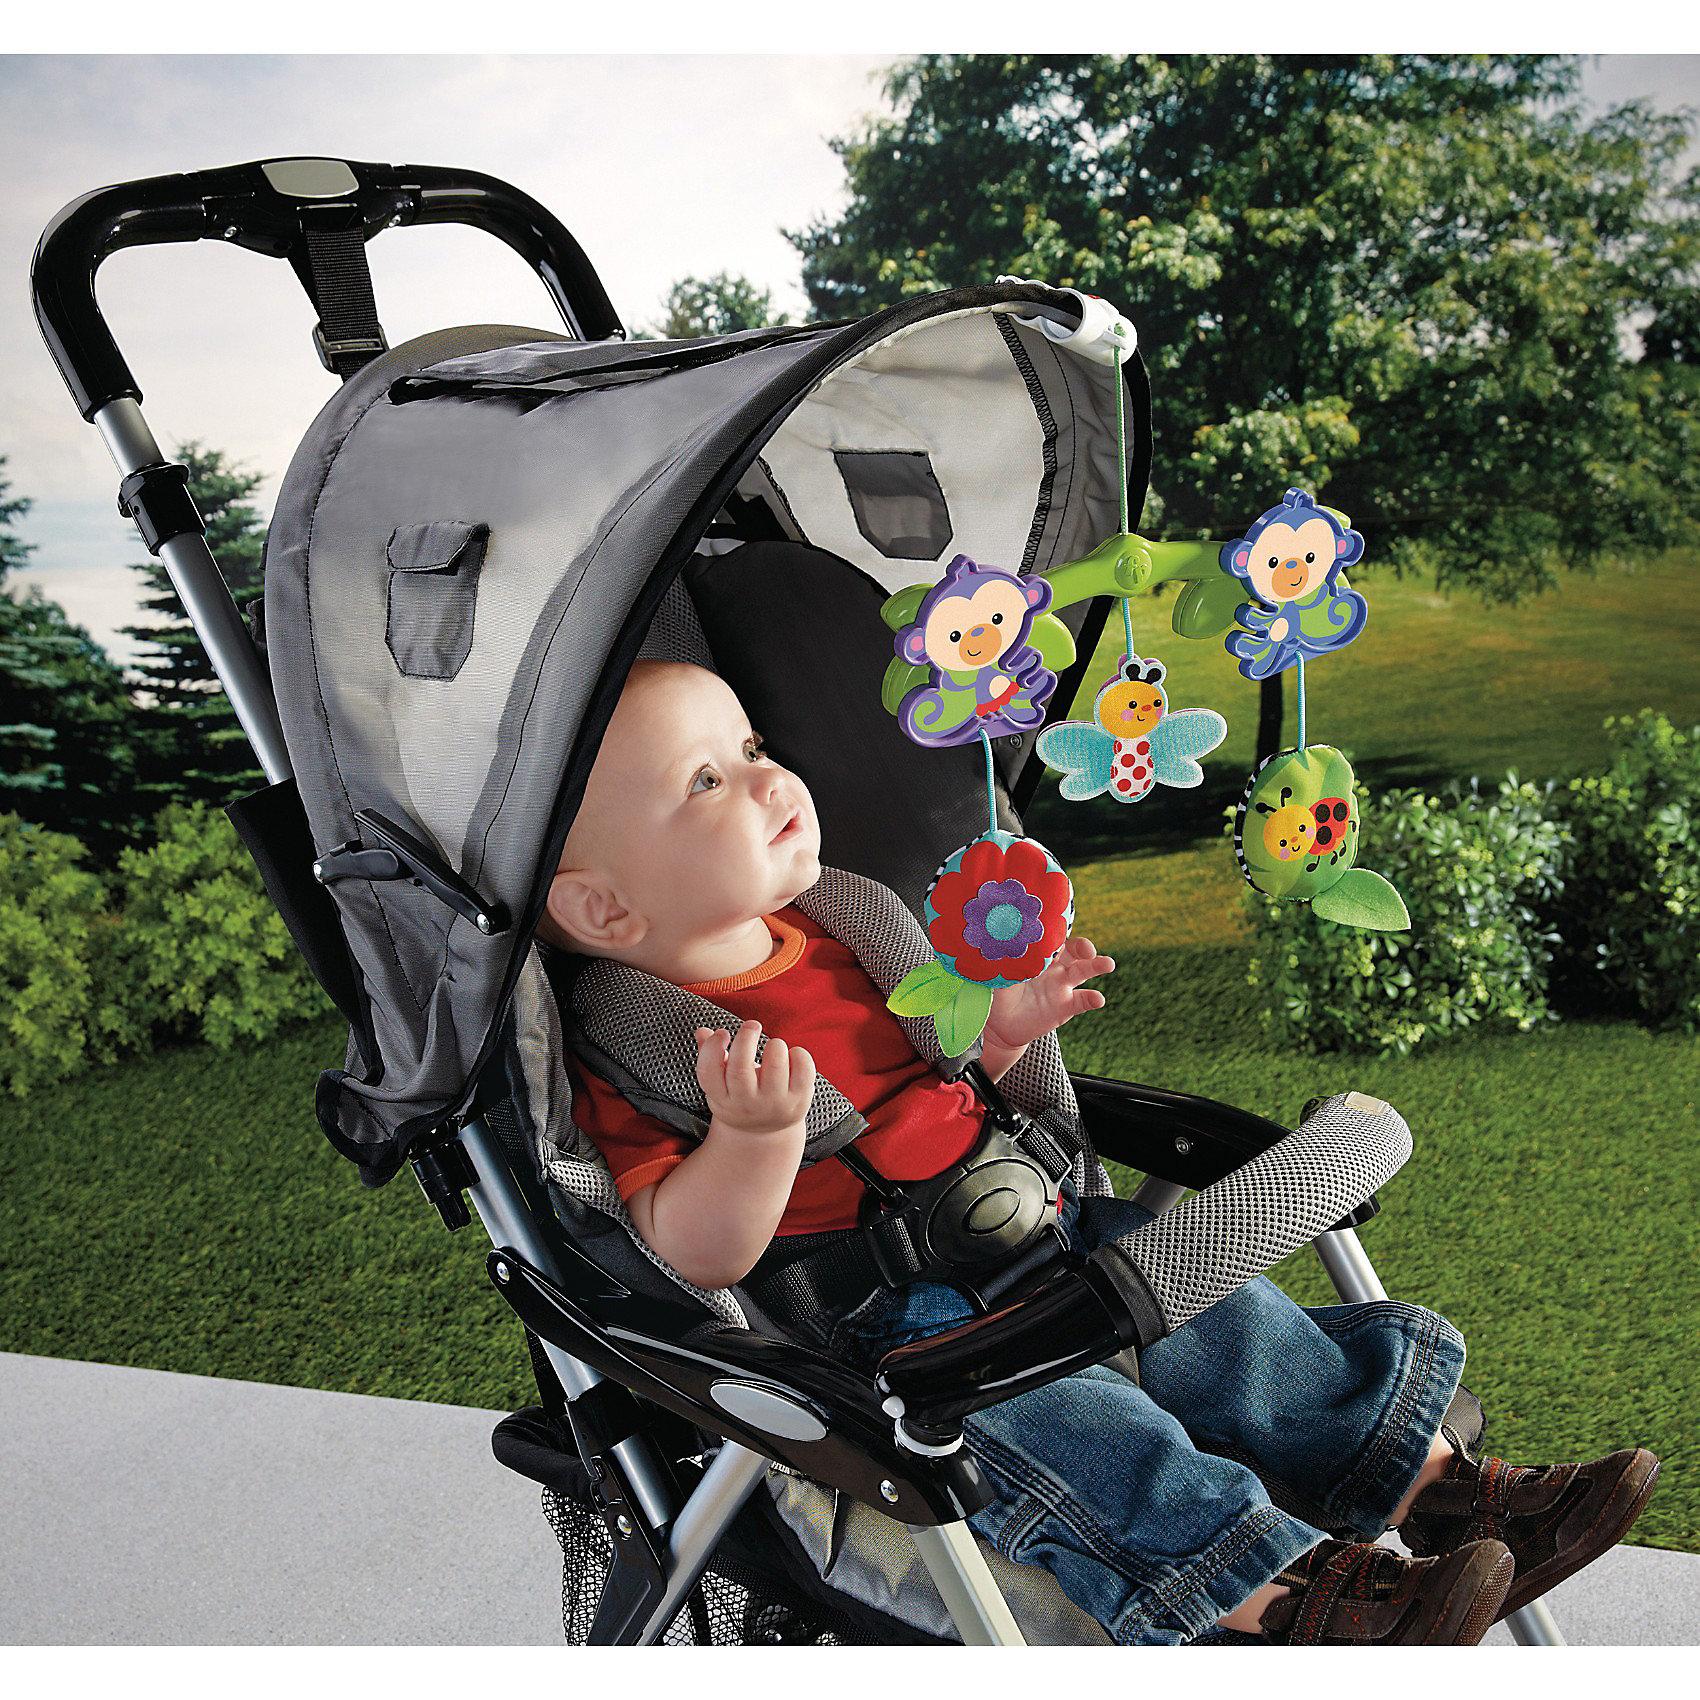 Крепление к коляске Обезьянки из тропического леса, Fisher-PriceПодвески<br>Крепление к коляске Обезьянки из тропического леса Fisher-Price (Фишер-Прайс) с добрыми и красочными игрушками легко крепится к навесам большинства колясок. Ребенок будет с удовольствием разглядывать, тянуться и бить по игрушкам - насекомым и цветку, что разовьет мелкую моторику малыша и разнообразит прогулки. Потешьте слух малыша веселым звоном, а его зрение - игрой с двумя забавными обезьянками, которые качаются туда-сюда под действием движения коляски! Игрушка оснащена специальными зажимами, подходящими для большинства колясок.<br><br>Дополнительная информация:<br><br>- Игрушка завивает моторику, зрение, слух;<br>- Зверьки качаются по ходу движения коляски;<br>- Игрушка подходит к большинству колясок, благодаря удобному универсальному креплению;<br>- Яркий привлекательный дизайн;<br>- Размер: 5,5 х 28 х 20,5 см;<br>- Вес: 0,34 кг.<br><br>Крепление к коляске Обезьянки из тропического леса, Fisher-Price (Фишер-Прайс) можно купить в нашем интернет-магазине.<br><br>Ширина мм: 256<br>Глубина мм: 240<br>Высота мм: 53<br>Вес г: 189<br>Возраст от месяцев: 3<br>Возраст до месяцев: 12<br>Пол: Унисекс<br>Возраст: Детский<br>SKU: 3399165